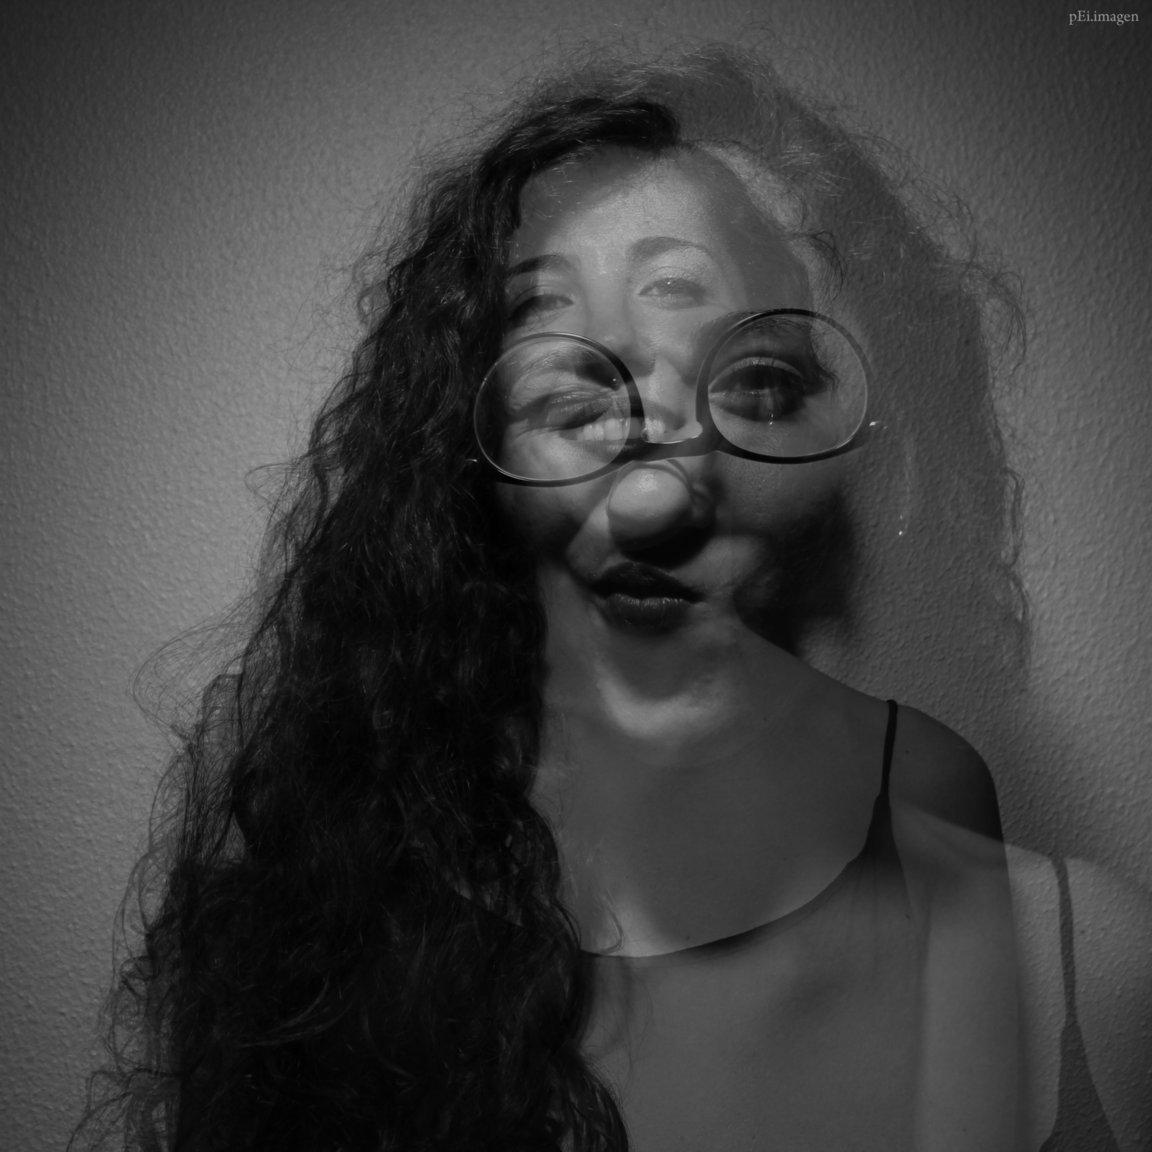 peipegata me myself I proyectos fotografia peipegatafotografia # 116 Alicia Marquez